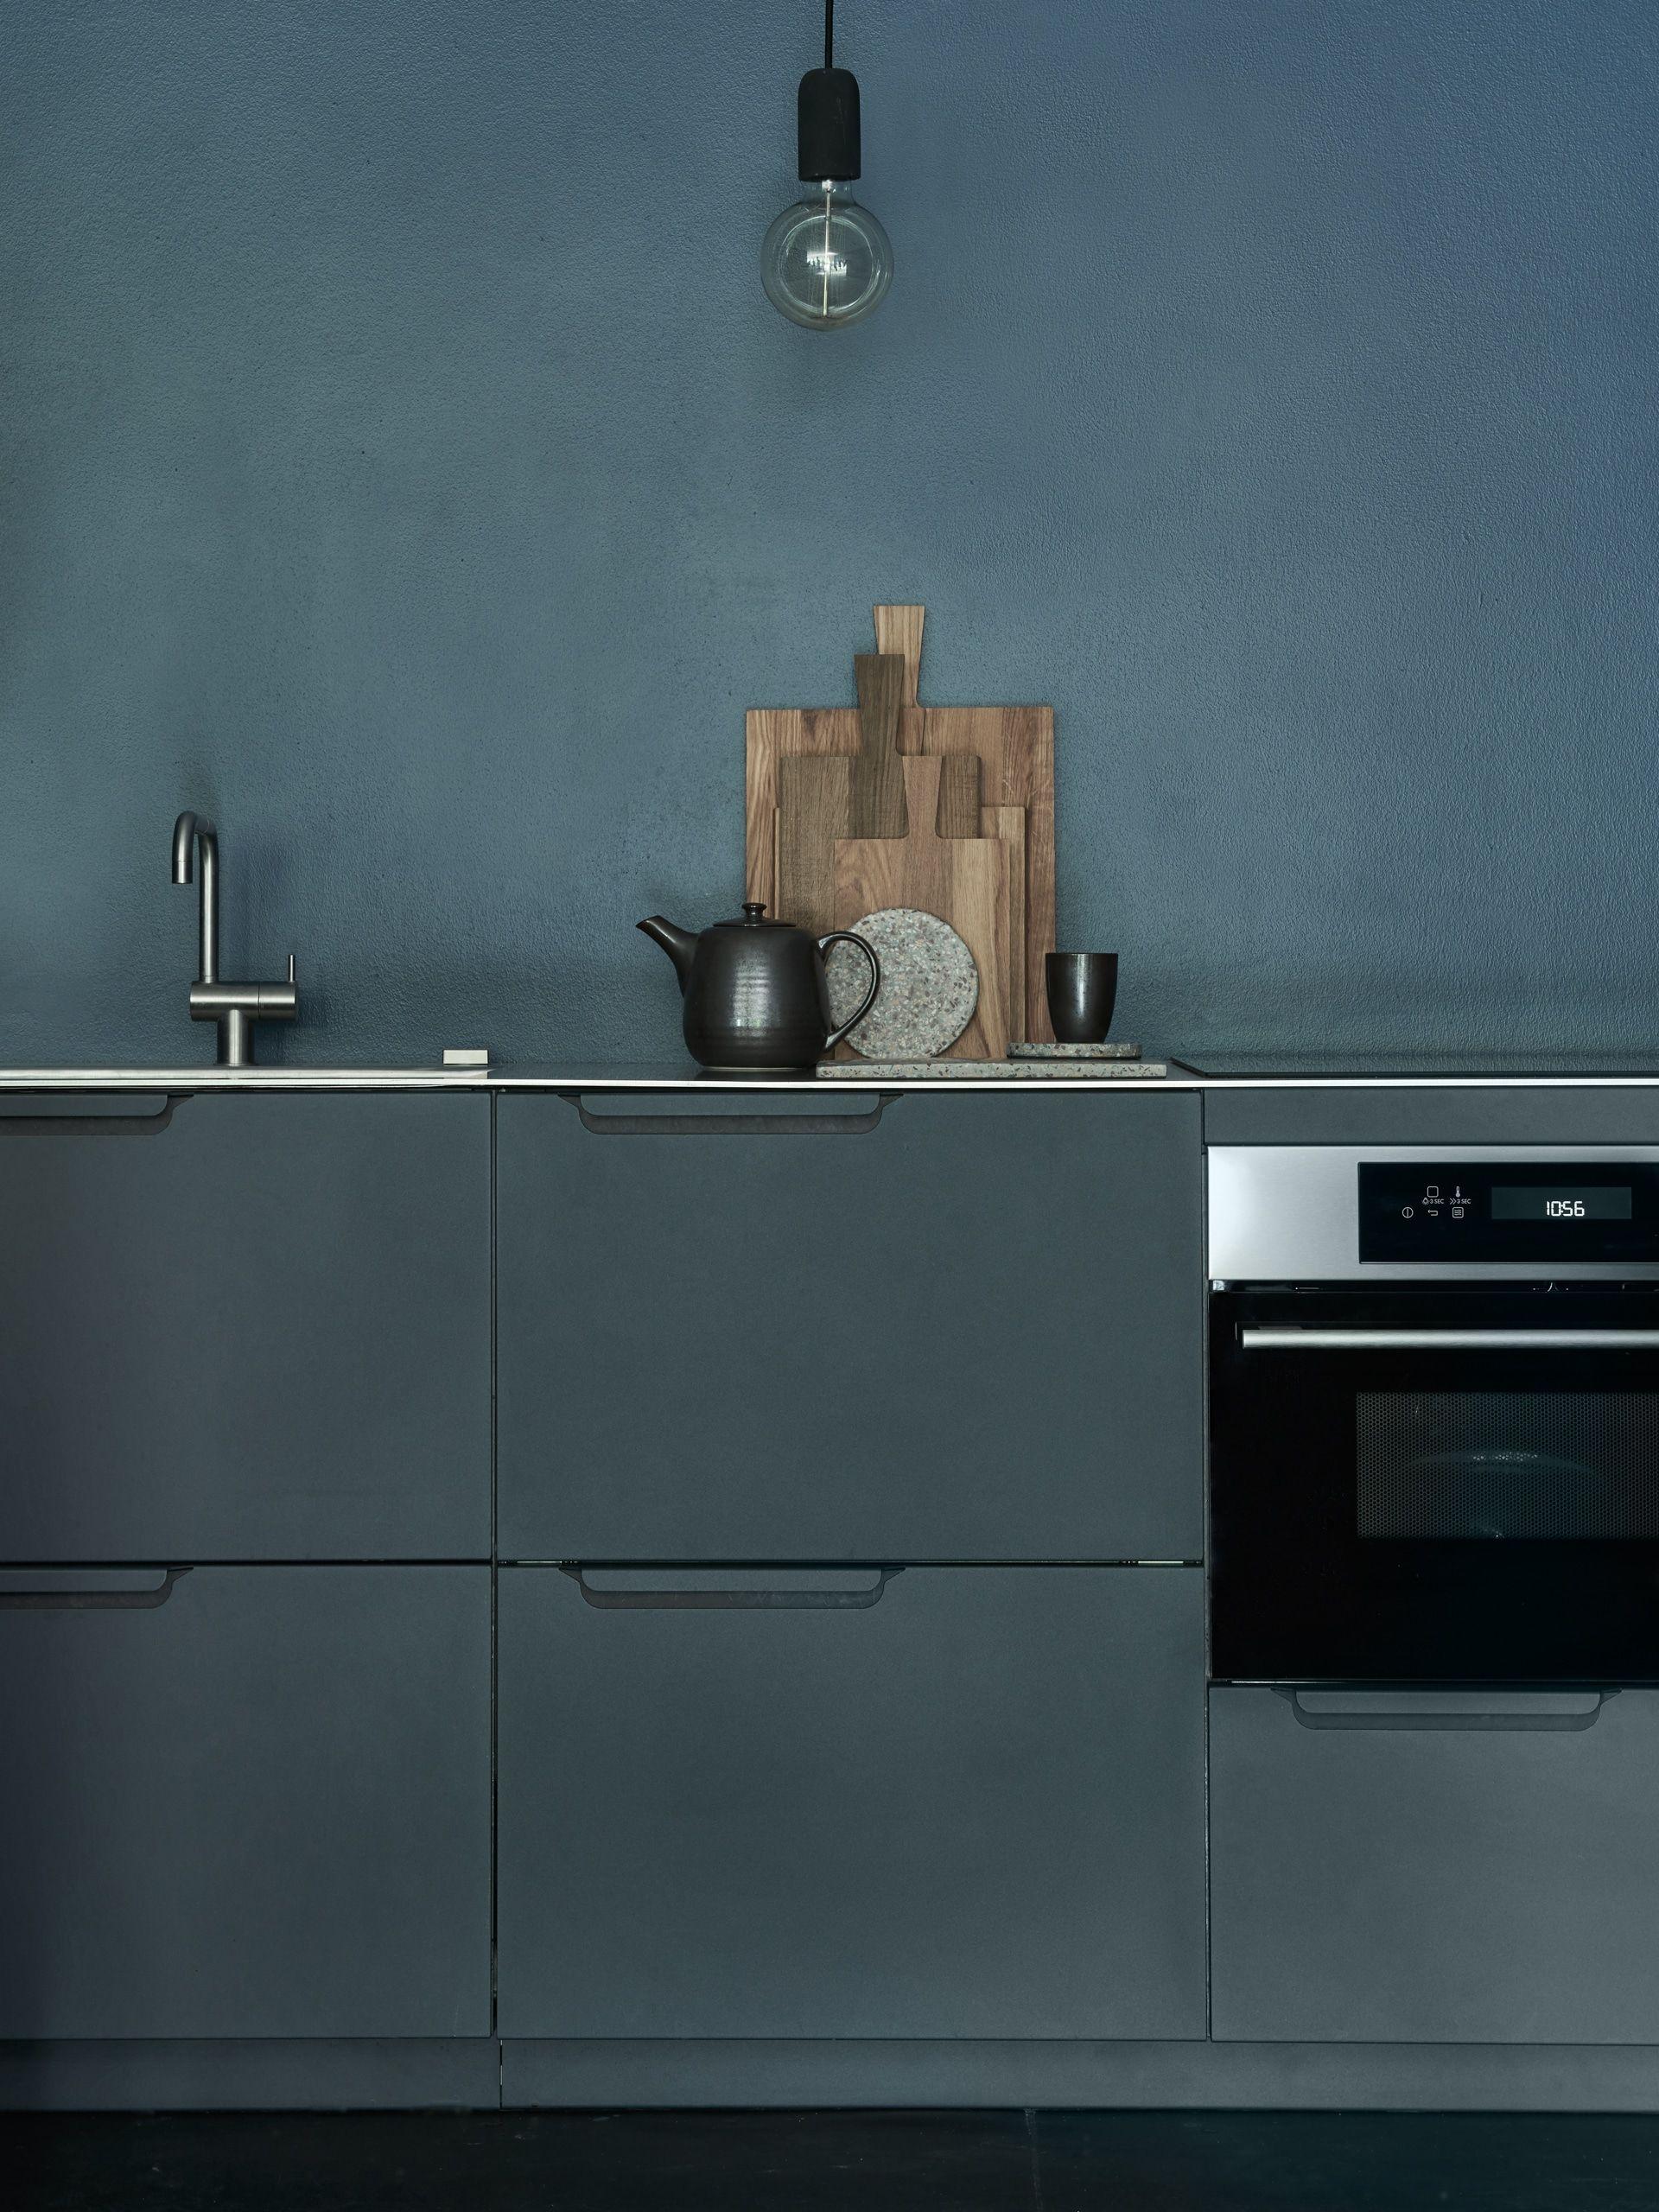 Atemberaubend Küchendesign Uk Ikea Fotos - Ideen Für Die Küche ...